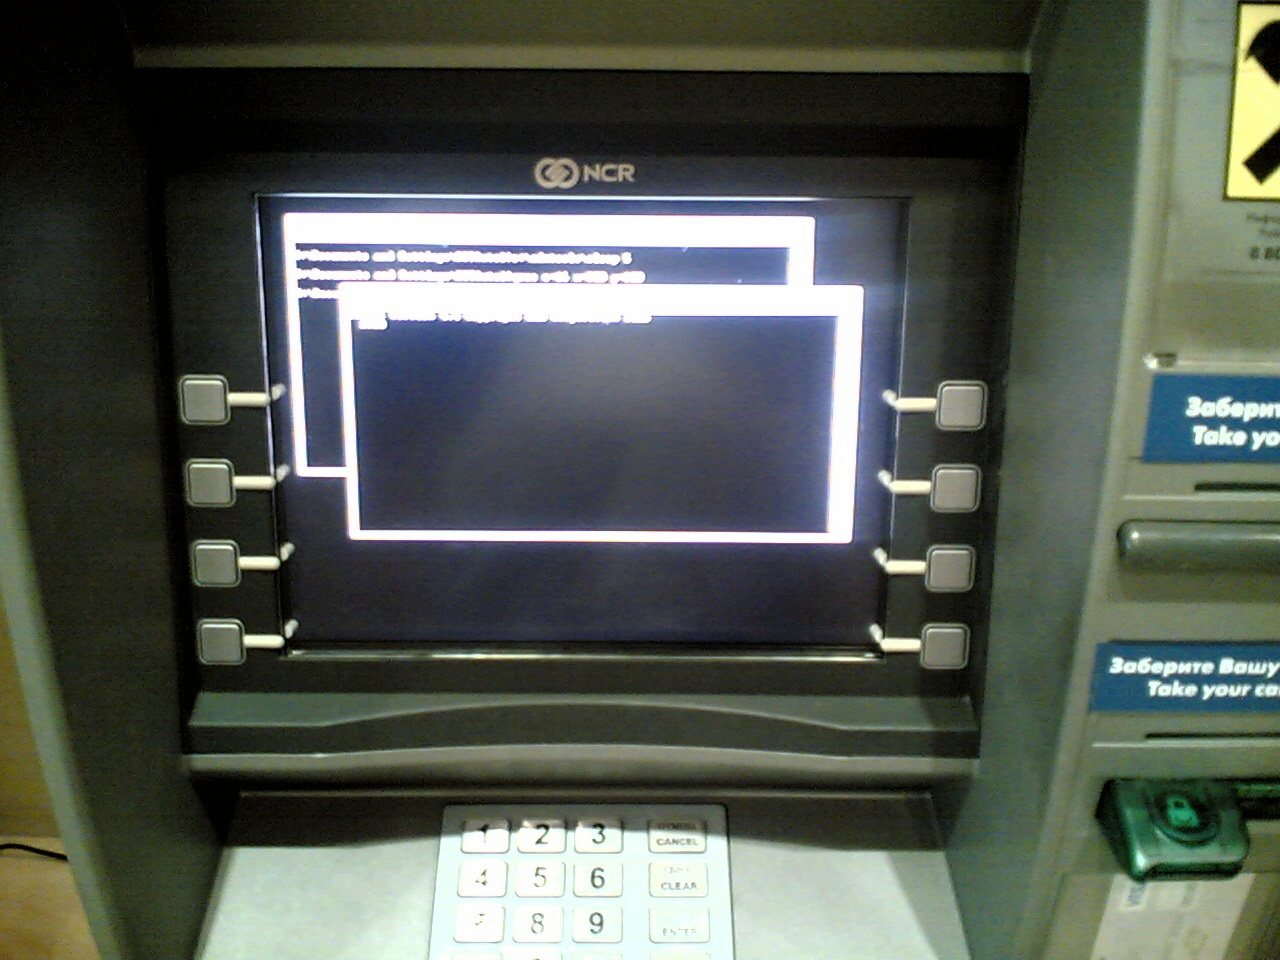 Банкомат загрузил систему и загружает какой-то там свой ulwait...